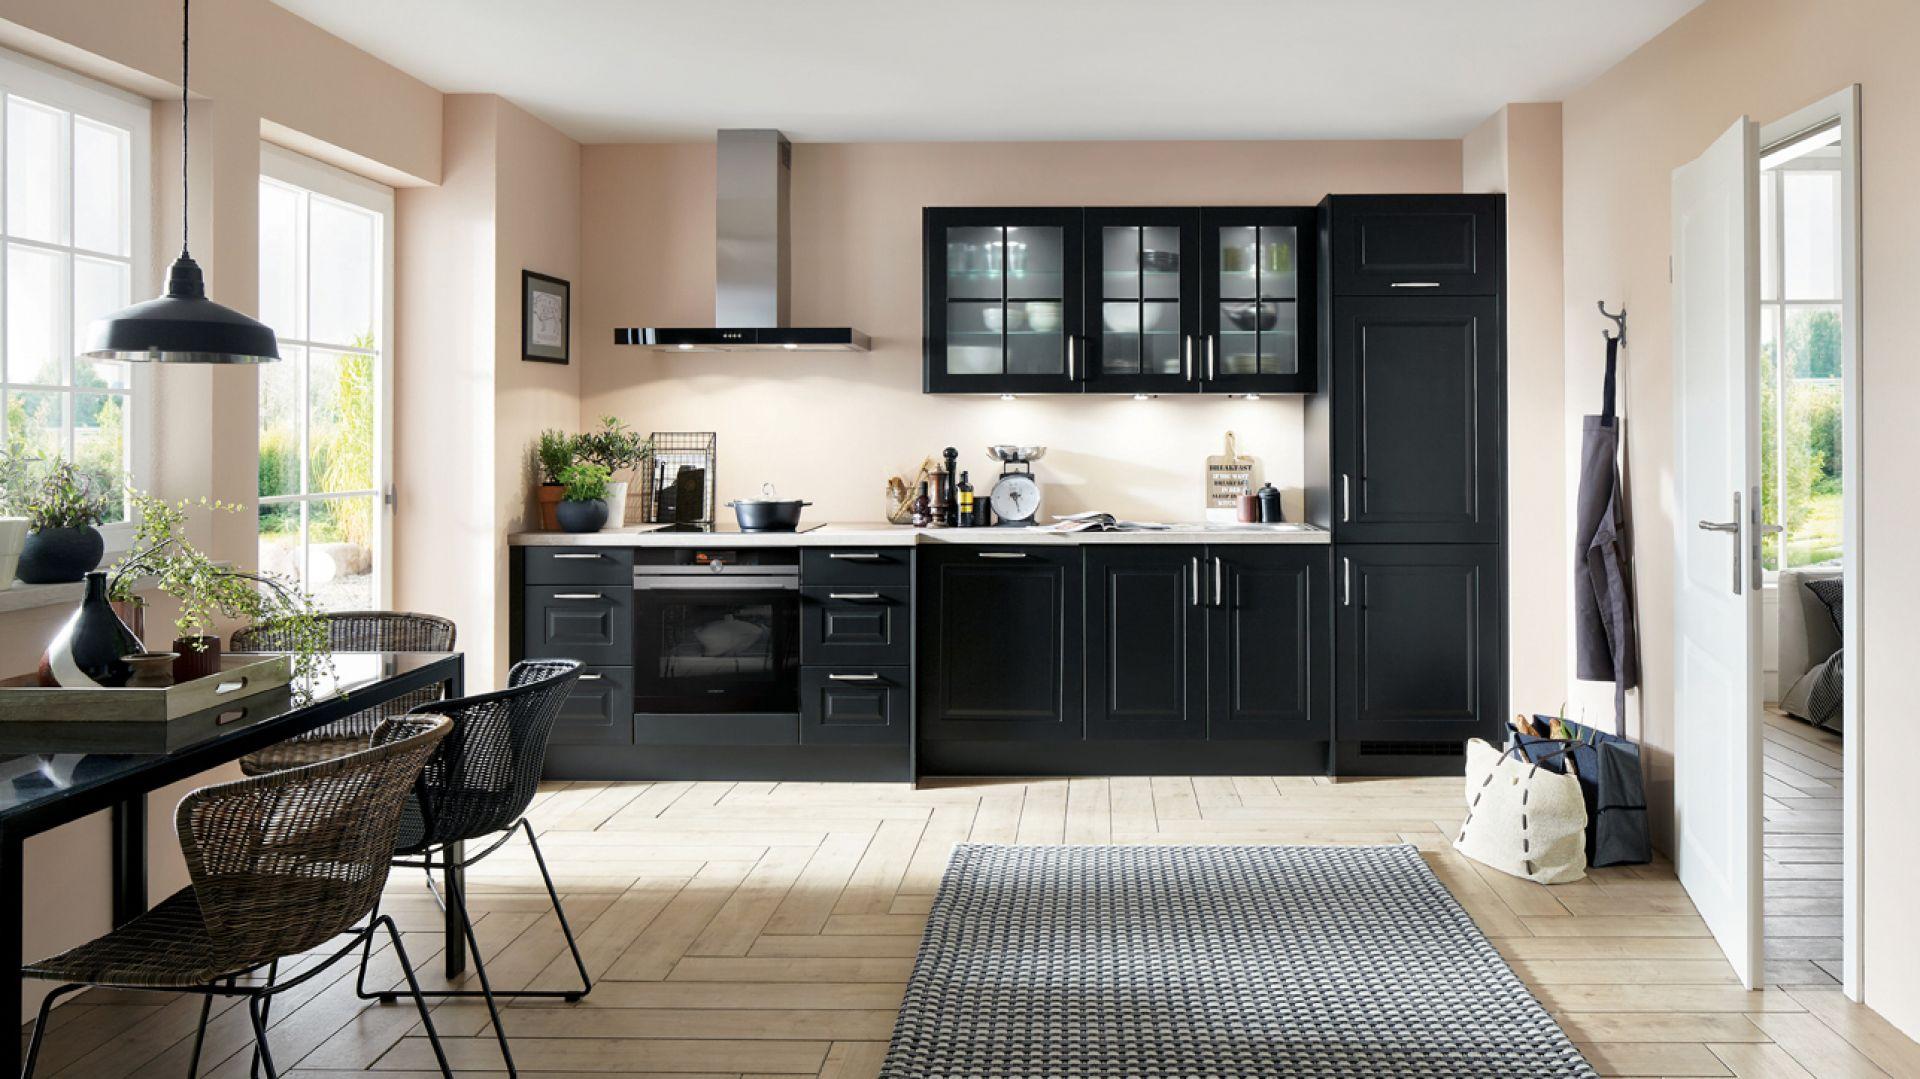 Czarna kuchnia w klasycznym stylu. Fot. Verle